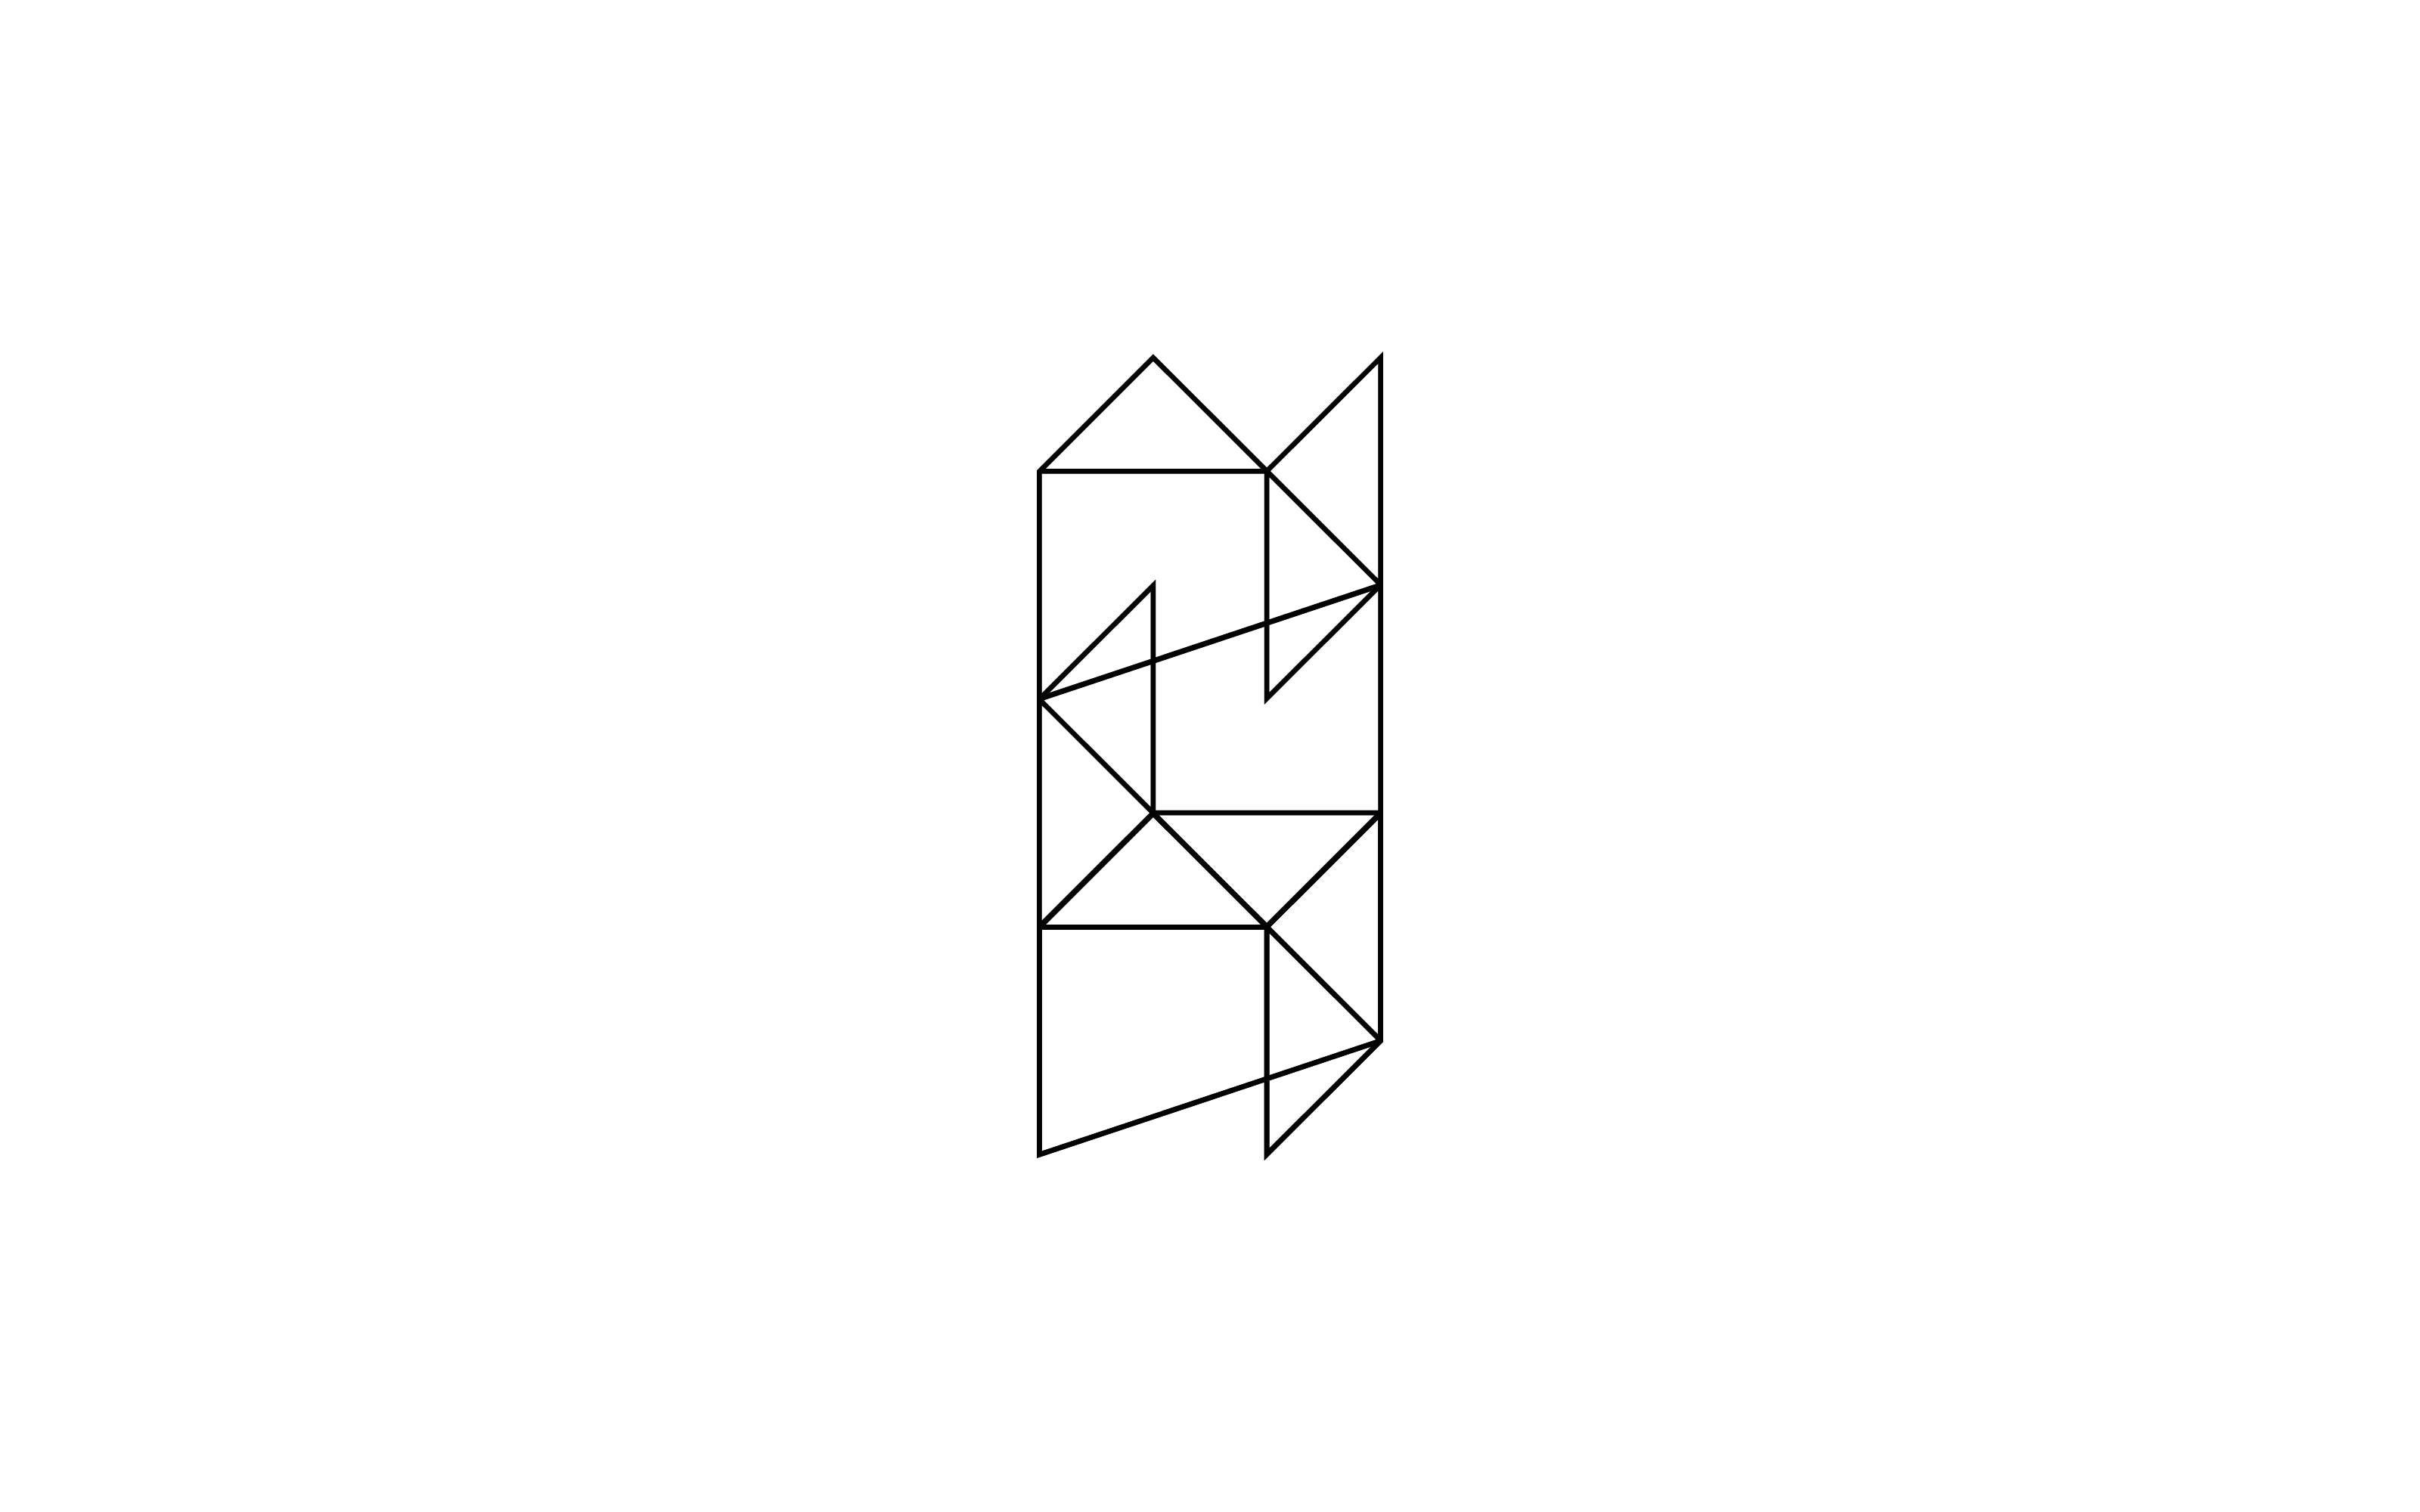 maxfath-hackerkiste-augsburg-muster-entwicklung-3